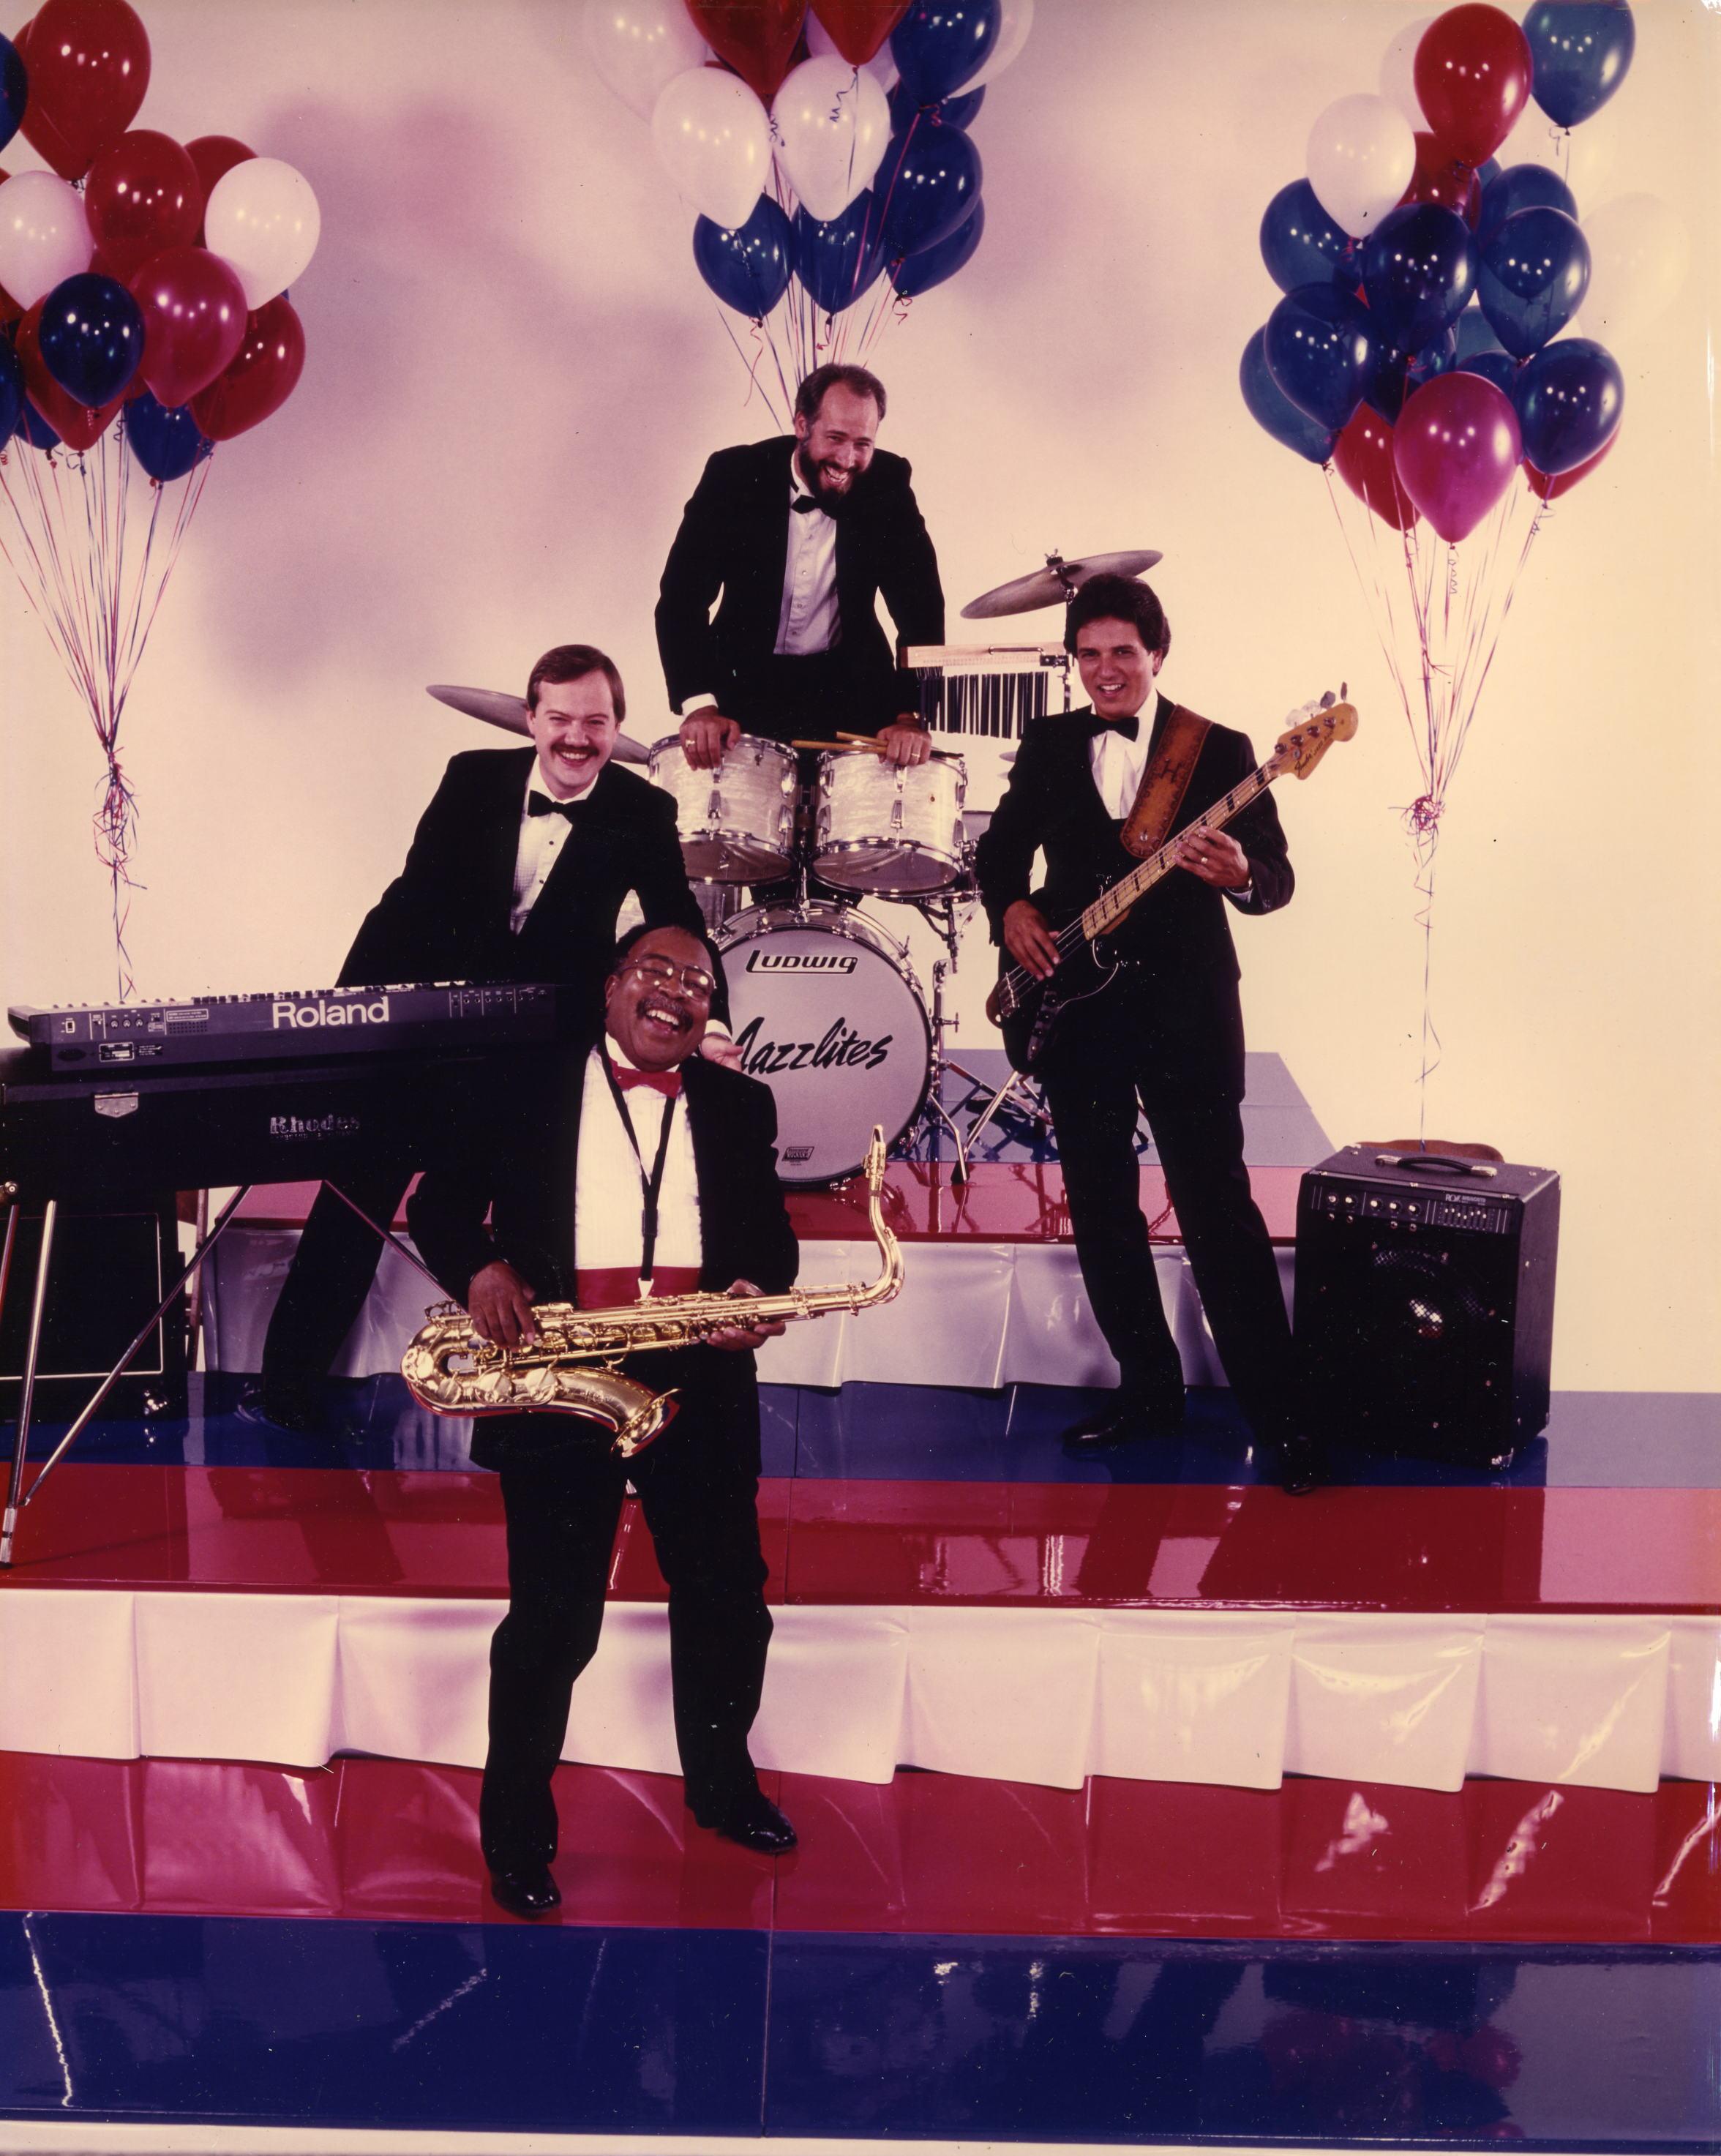 The Jazzlites 1987